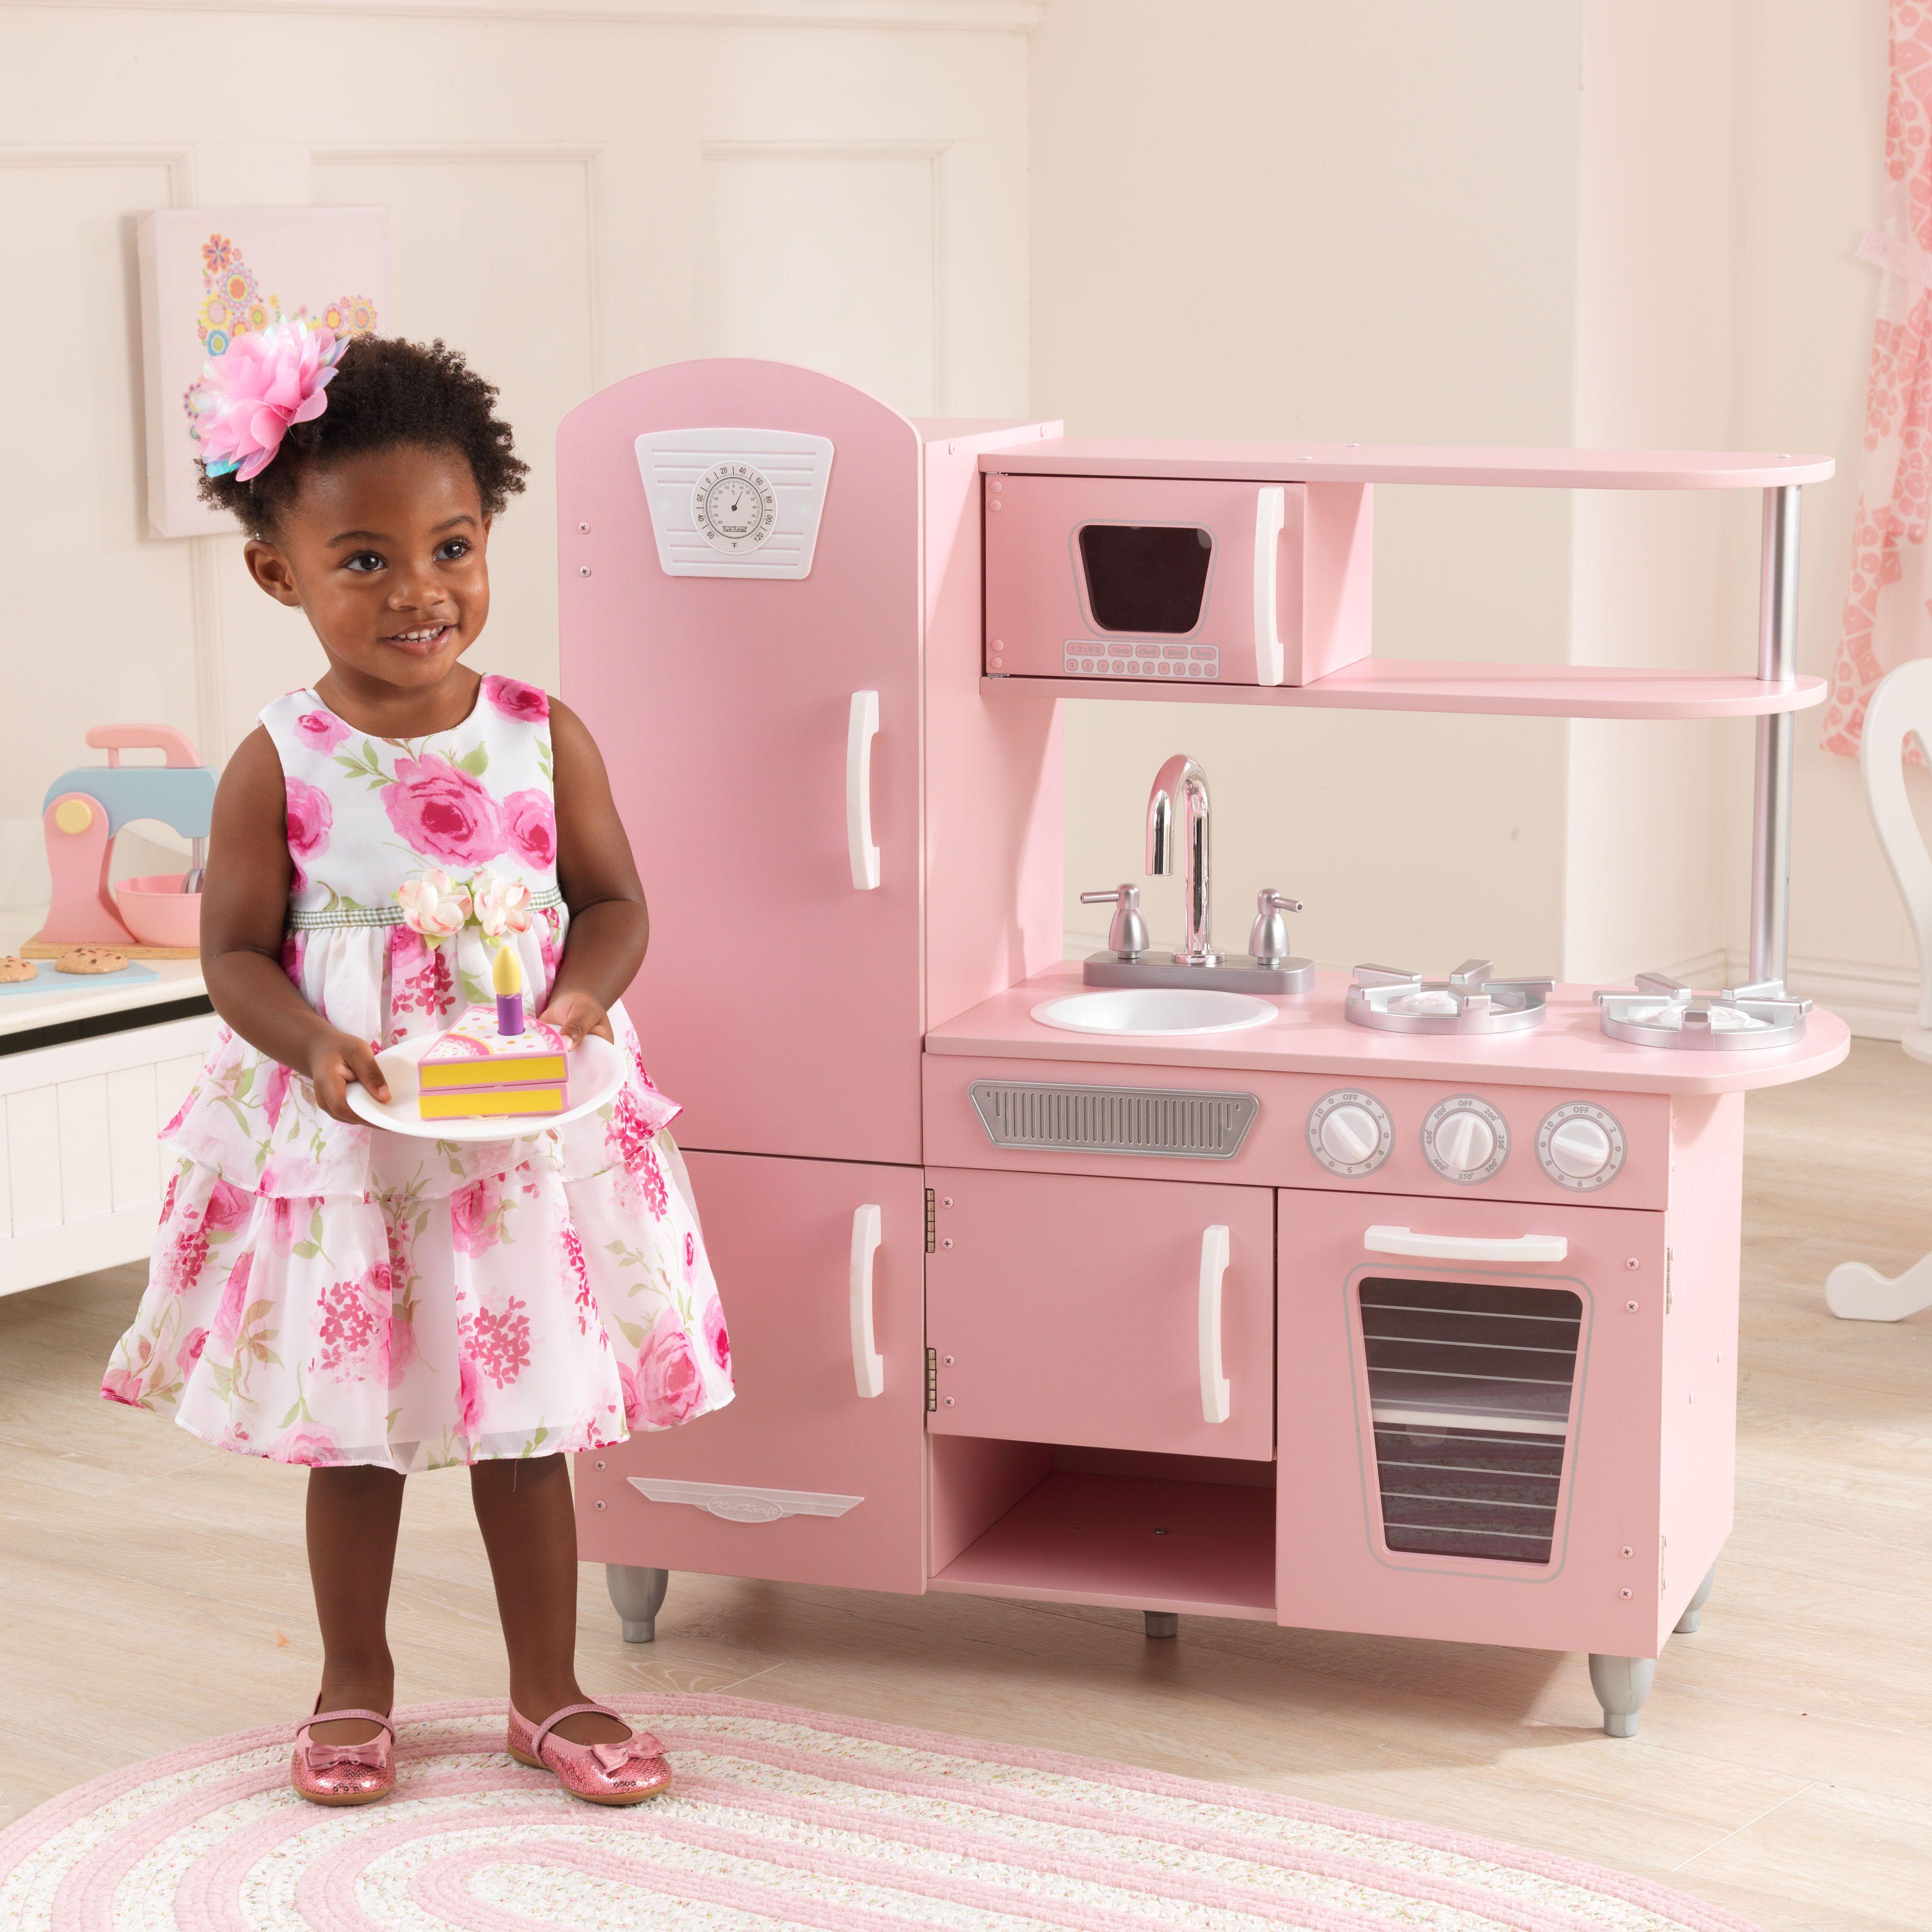 Vintage Play Kitchen Pink Kidkraft Vintage Kitchen Pretend